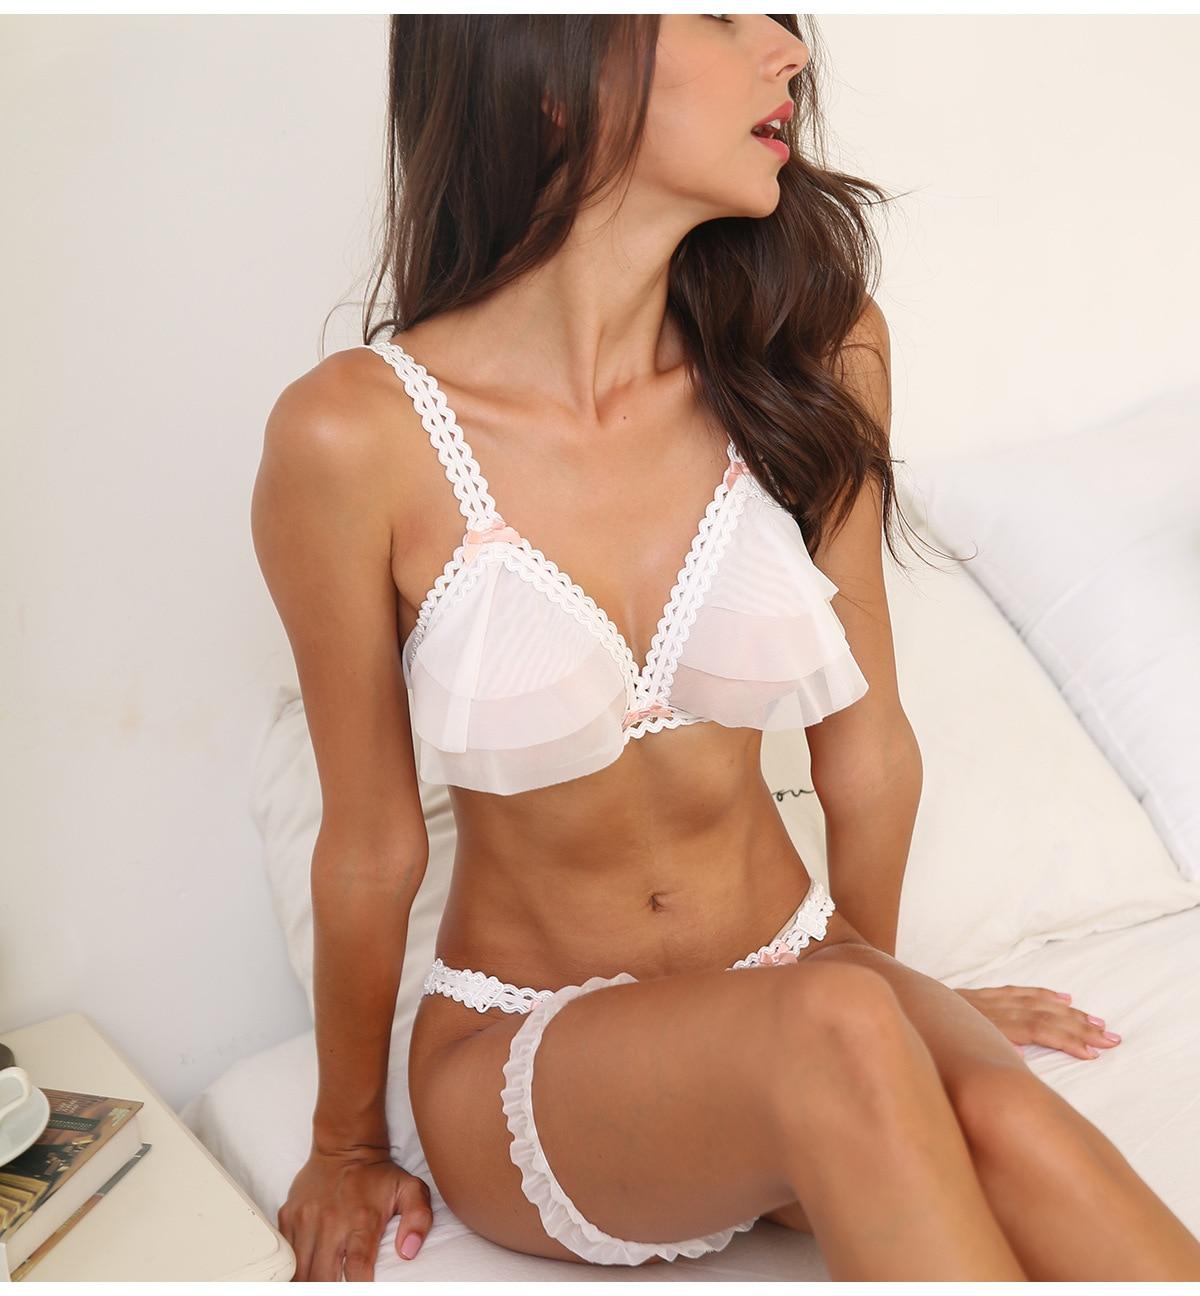 Bonito ultra-fino gaze transparente sexy push up bra define tentação casamento roupa interior sem fio sutiã crotchless calcinha conjunto